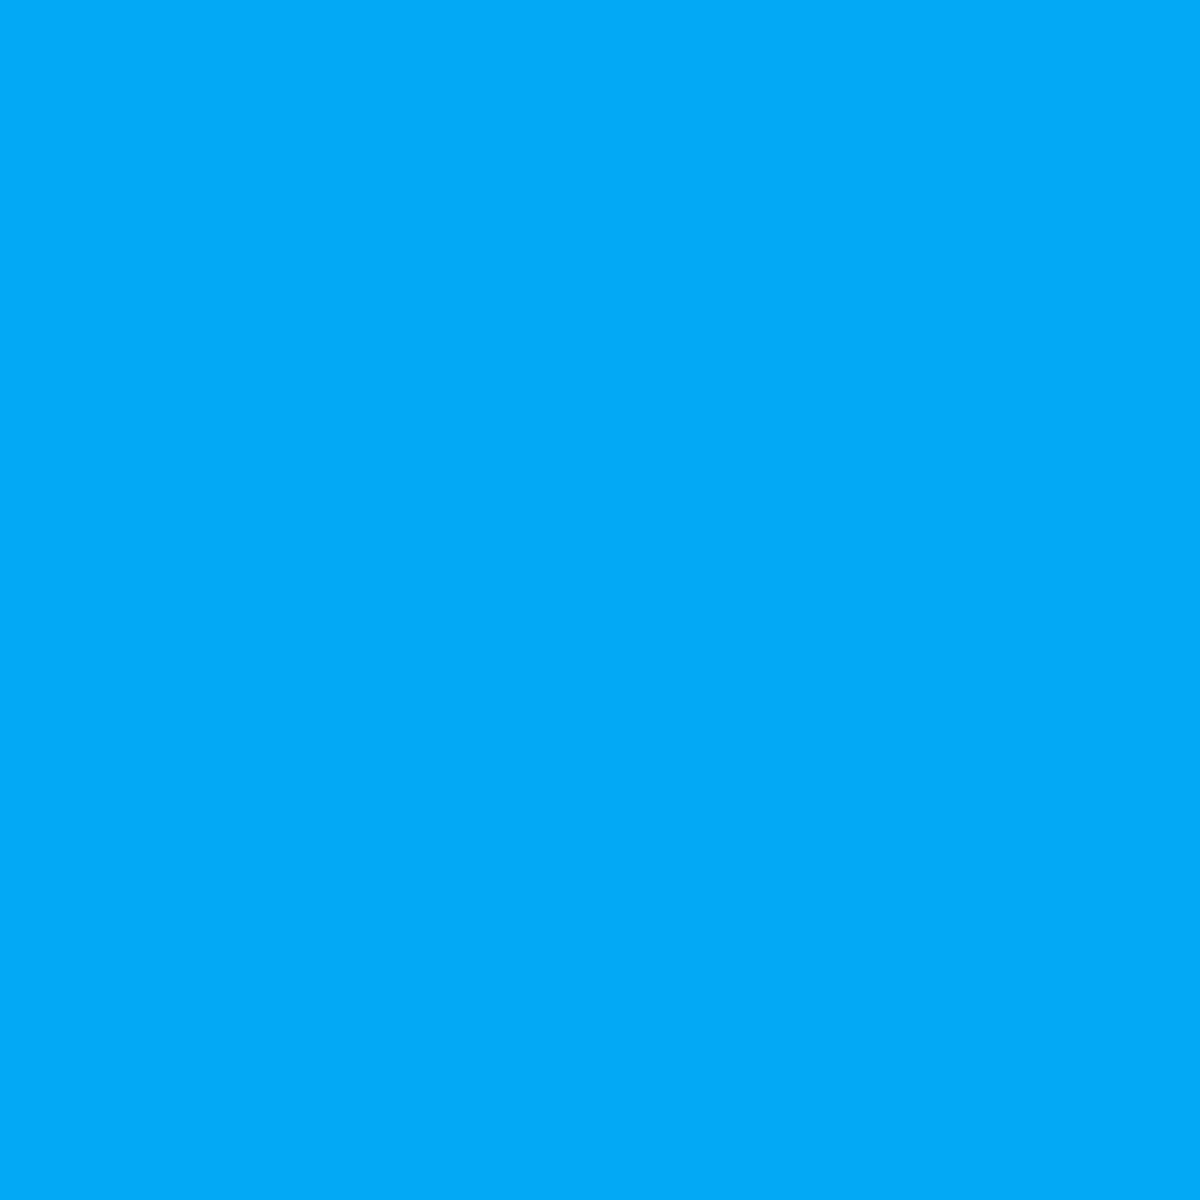 blue by gamer-dog